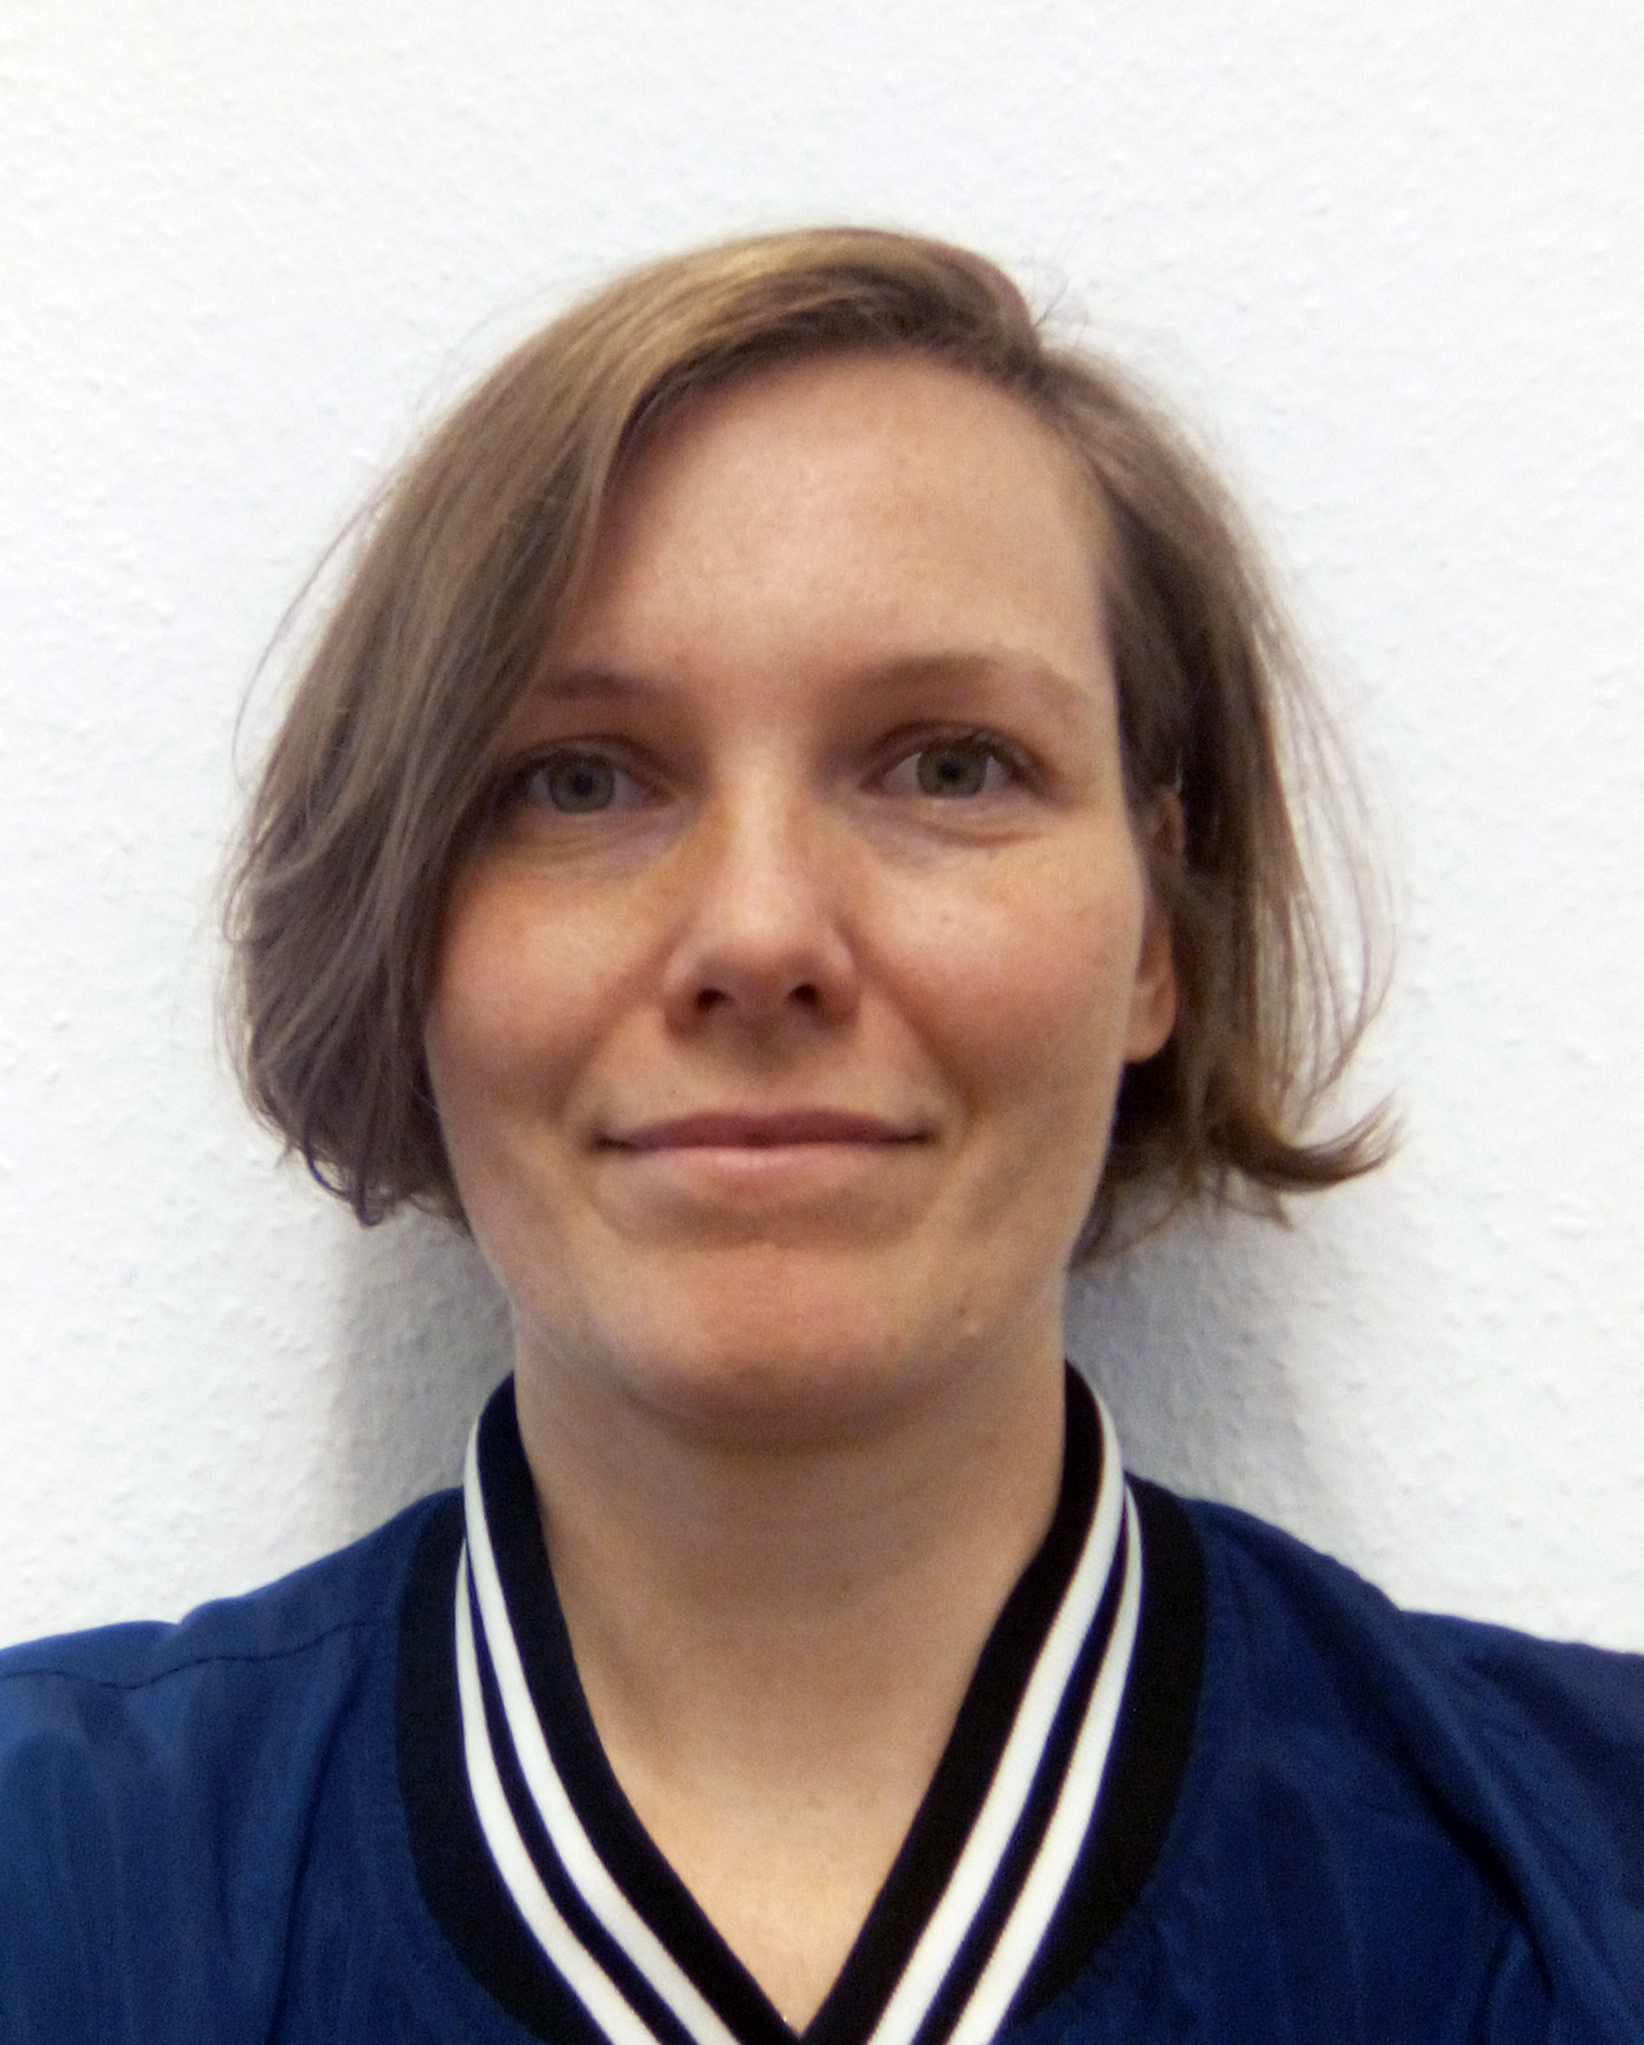 Friederike Salow